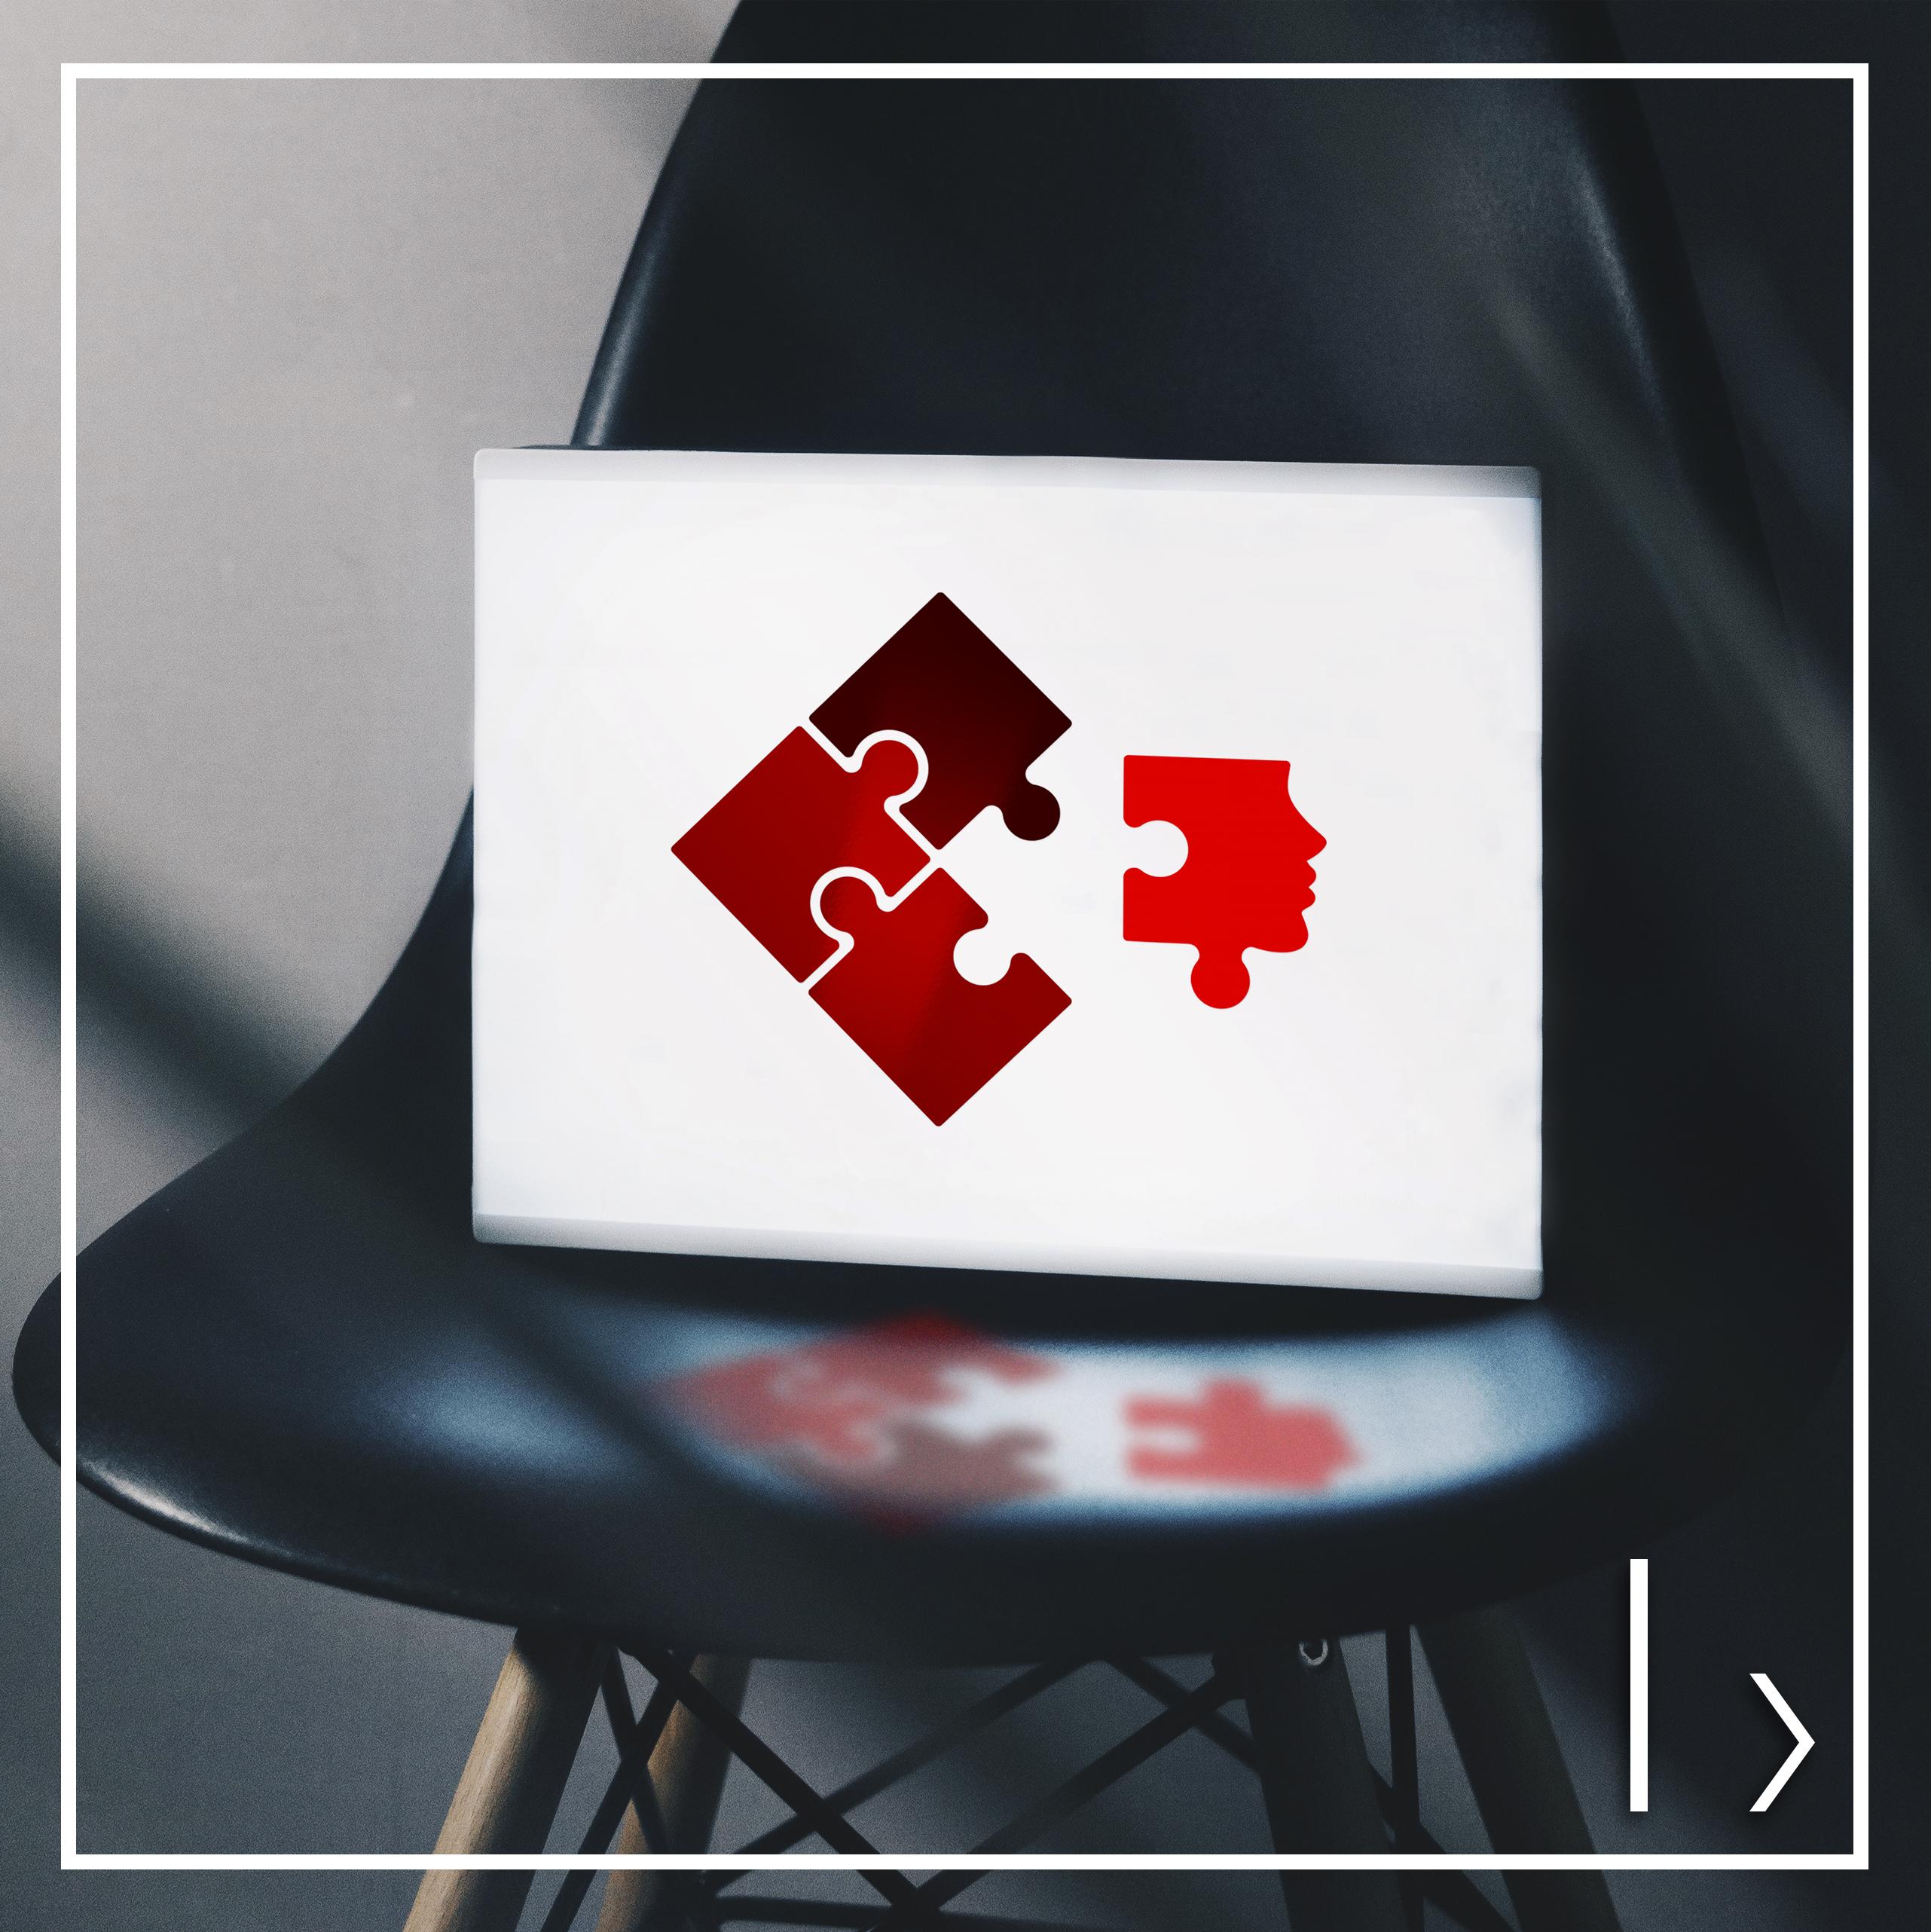 Фото Логотип на конкурс от Wikipedia